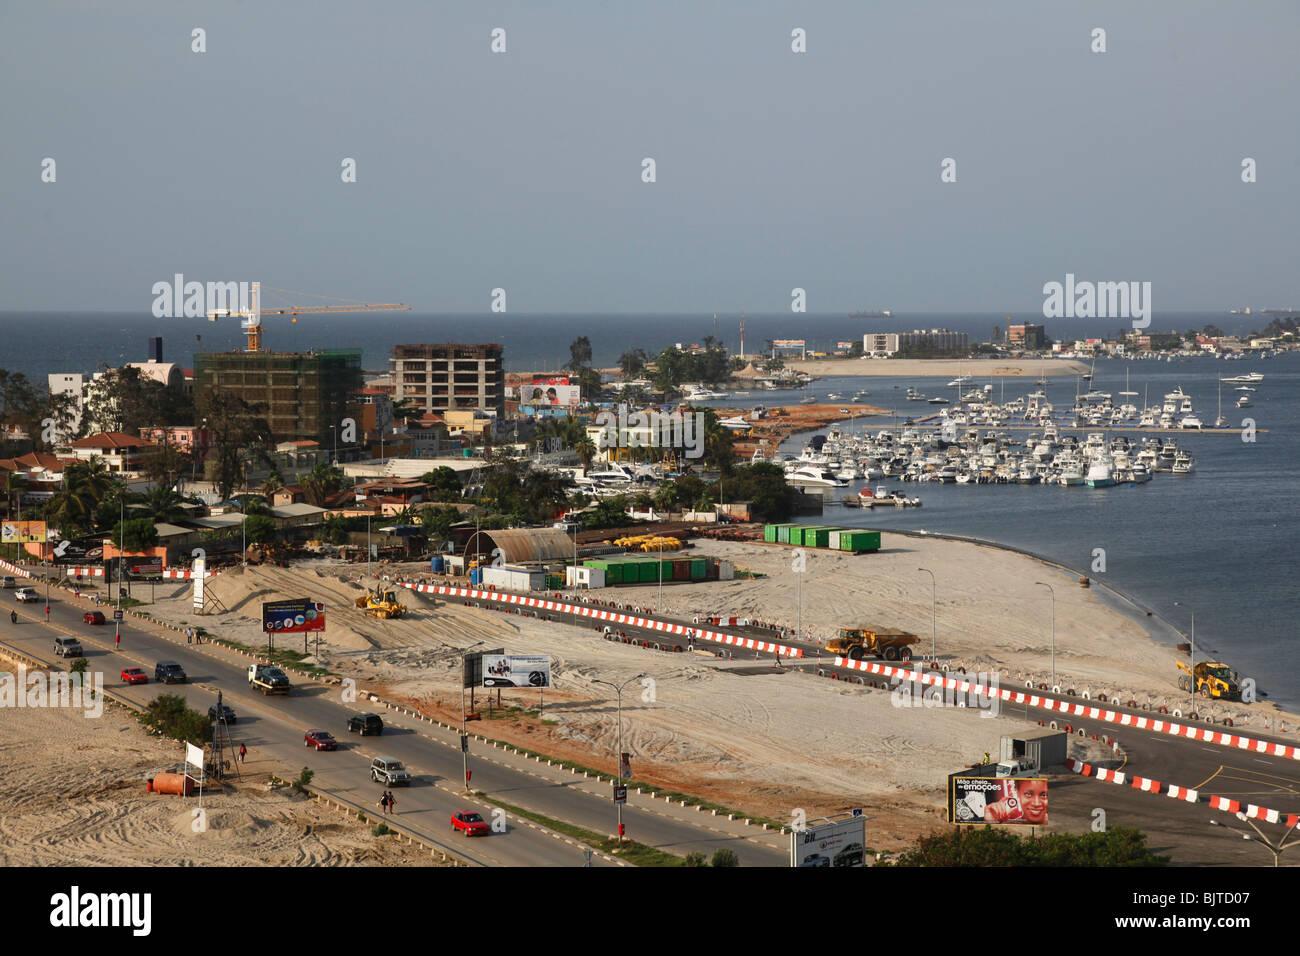 La strada principale che conduce fino a la Ilha e Marina. Come si vede dalla Fortaleza de Sao Miguel. Luanda. Angola. Immagini Stock